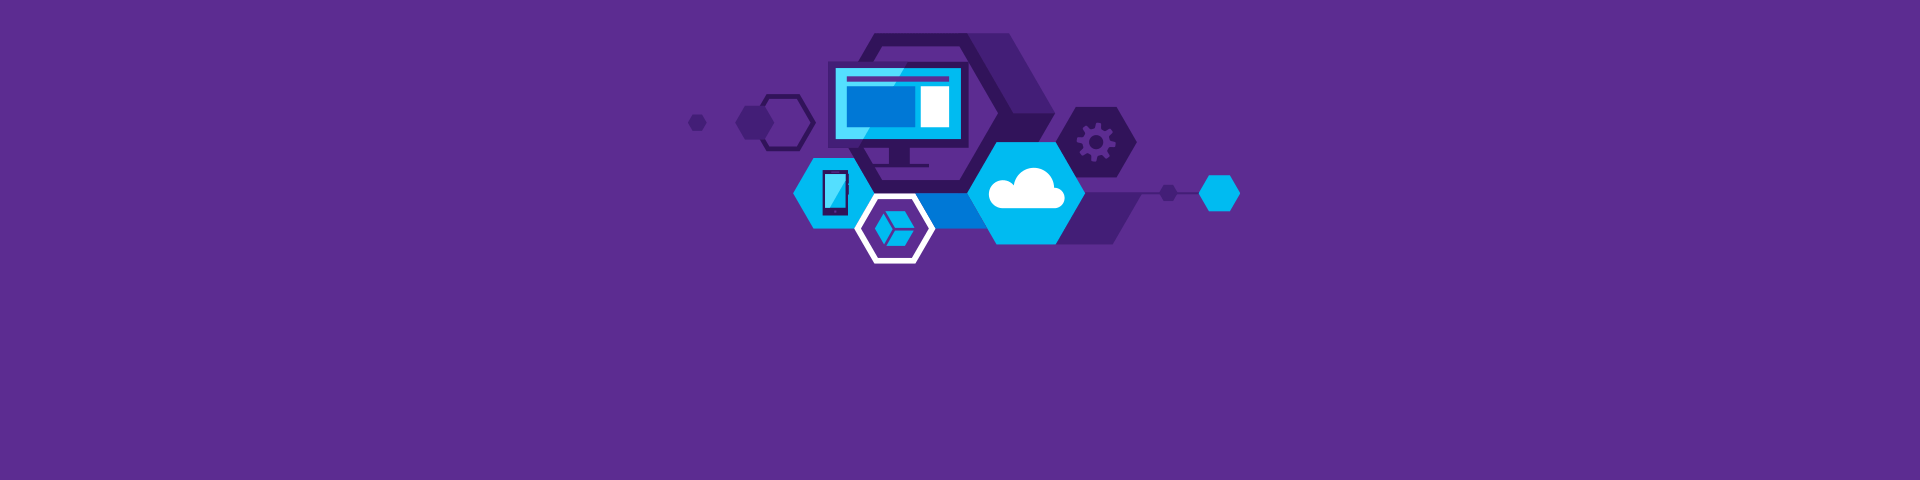 PC, téléphone, Cloud et autres icônes de technologies